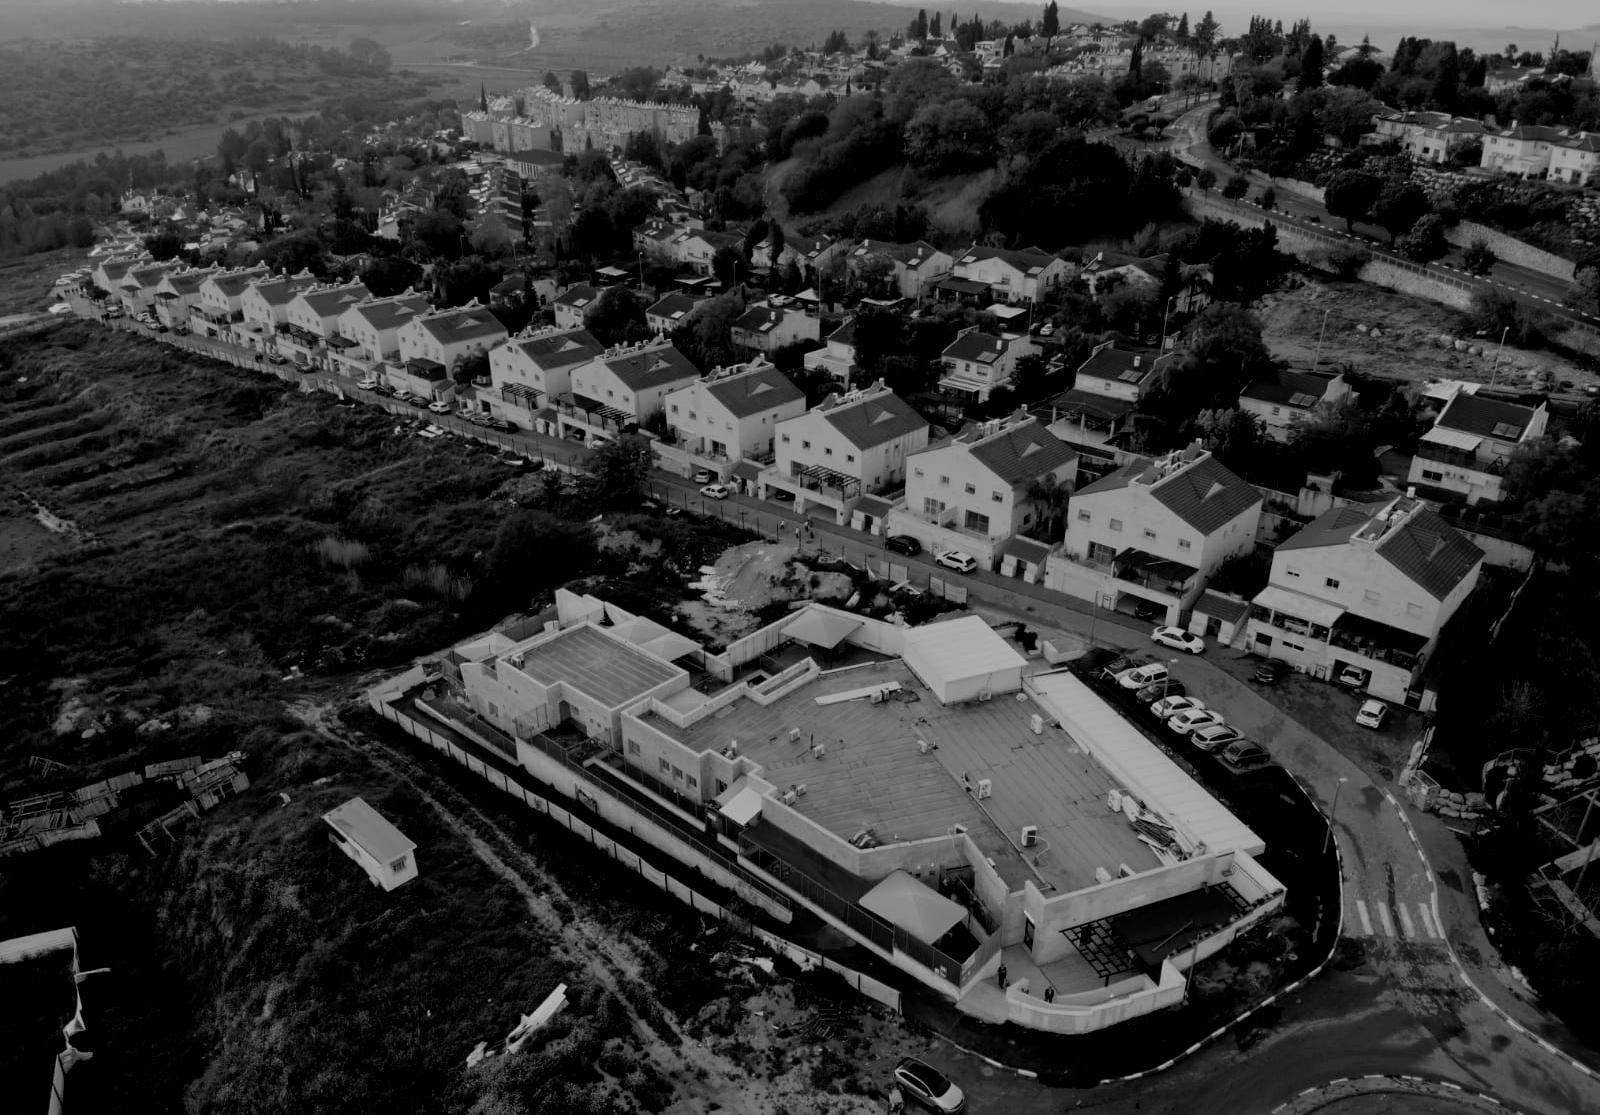 העיר בית שמש בשחור לבן (צילום: s.t)